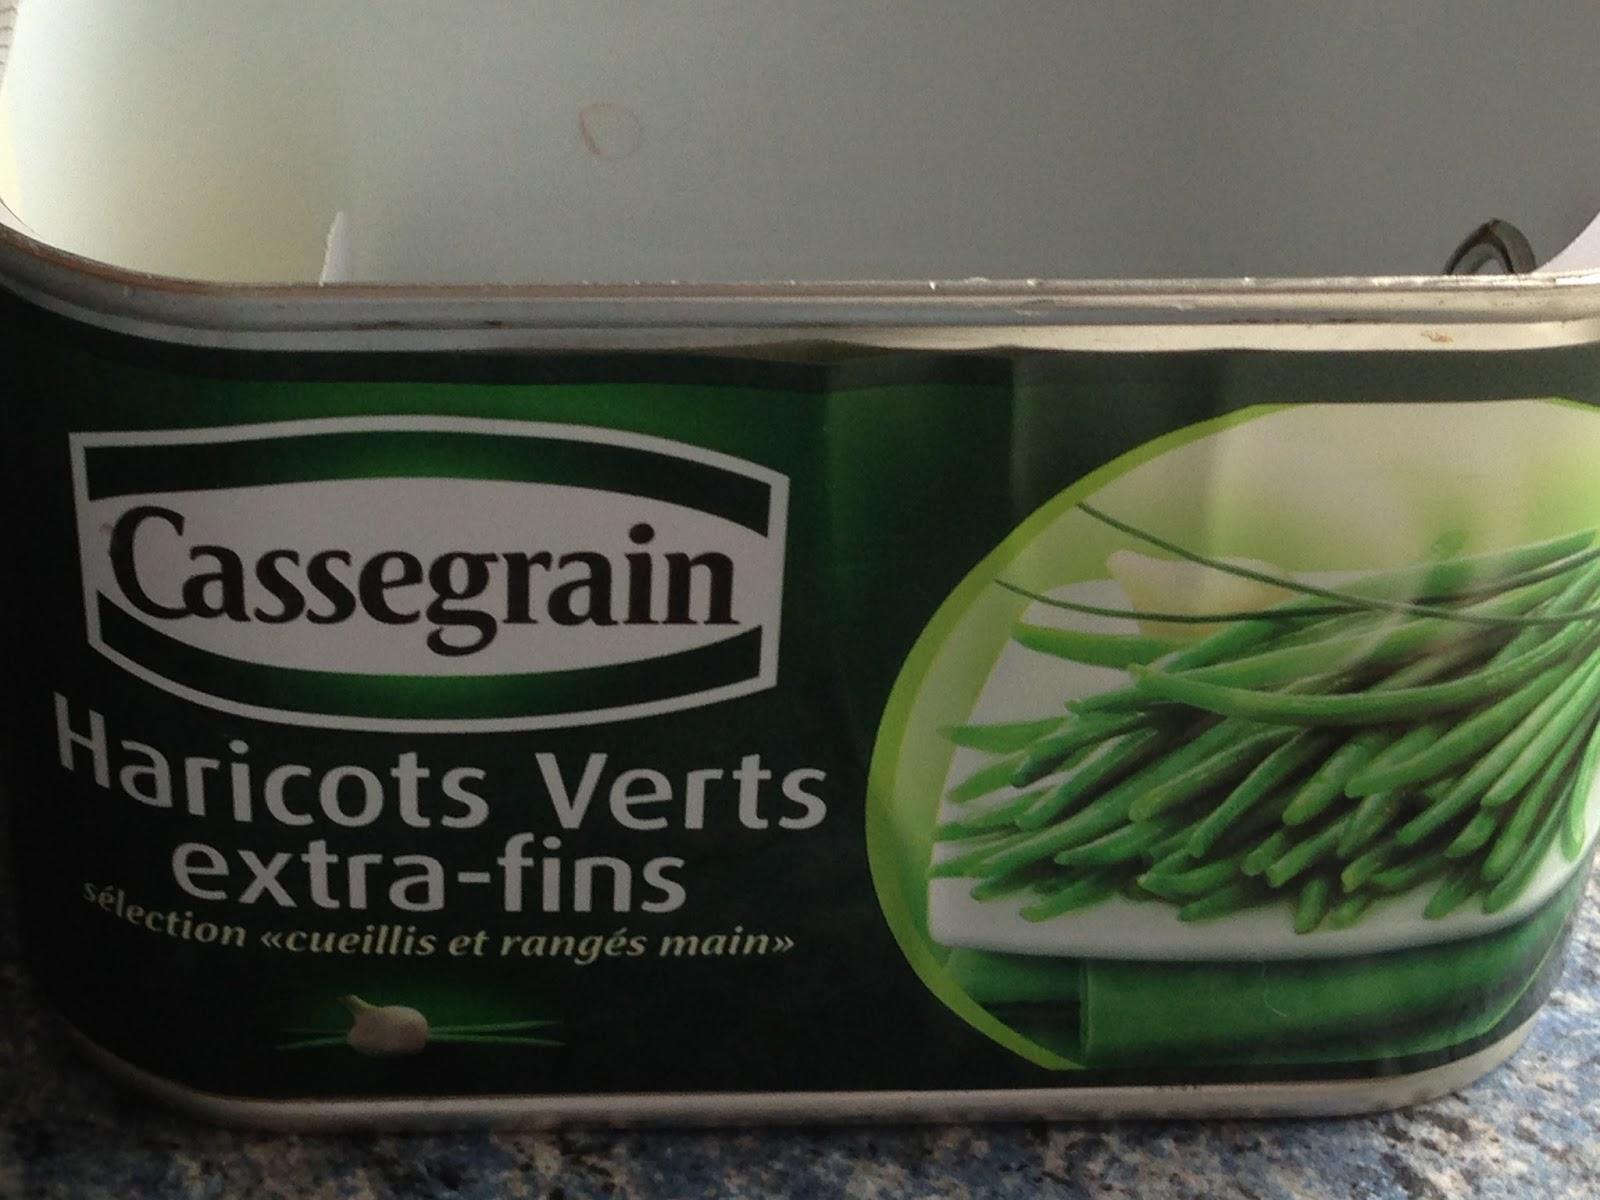 Une chenille dans une boite de haricots verts Cassegrain